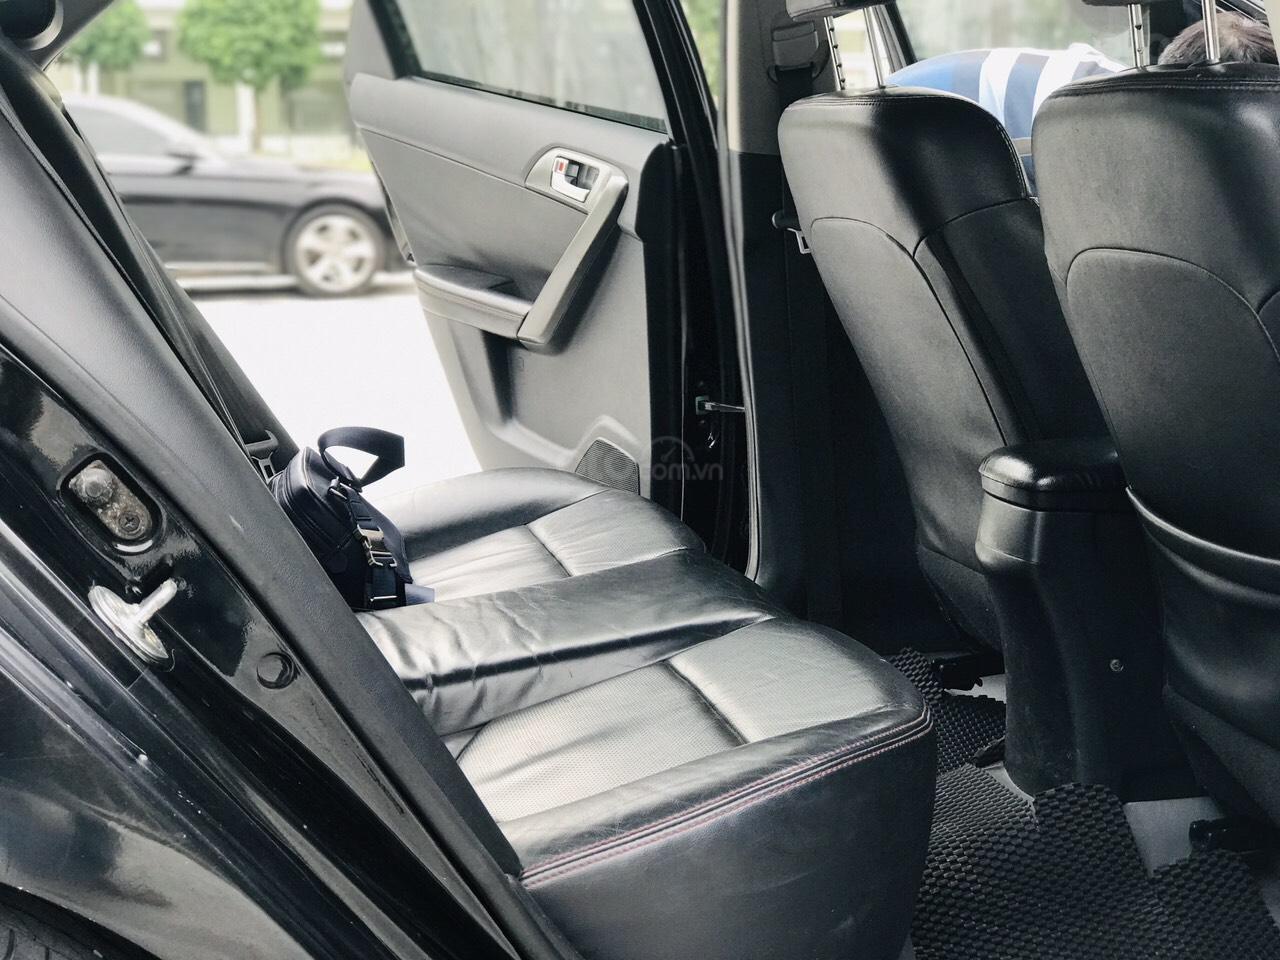 Cần bán Kia Cerato 1.6 AT bản xuất Âu, giá tốt (15)